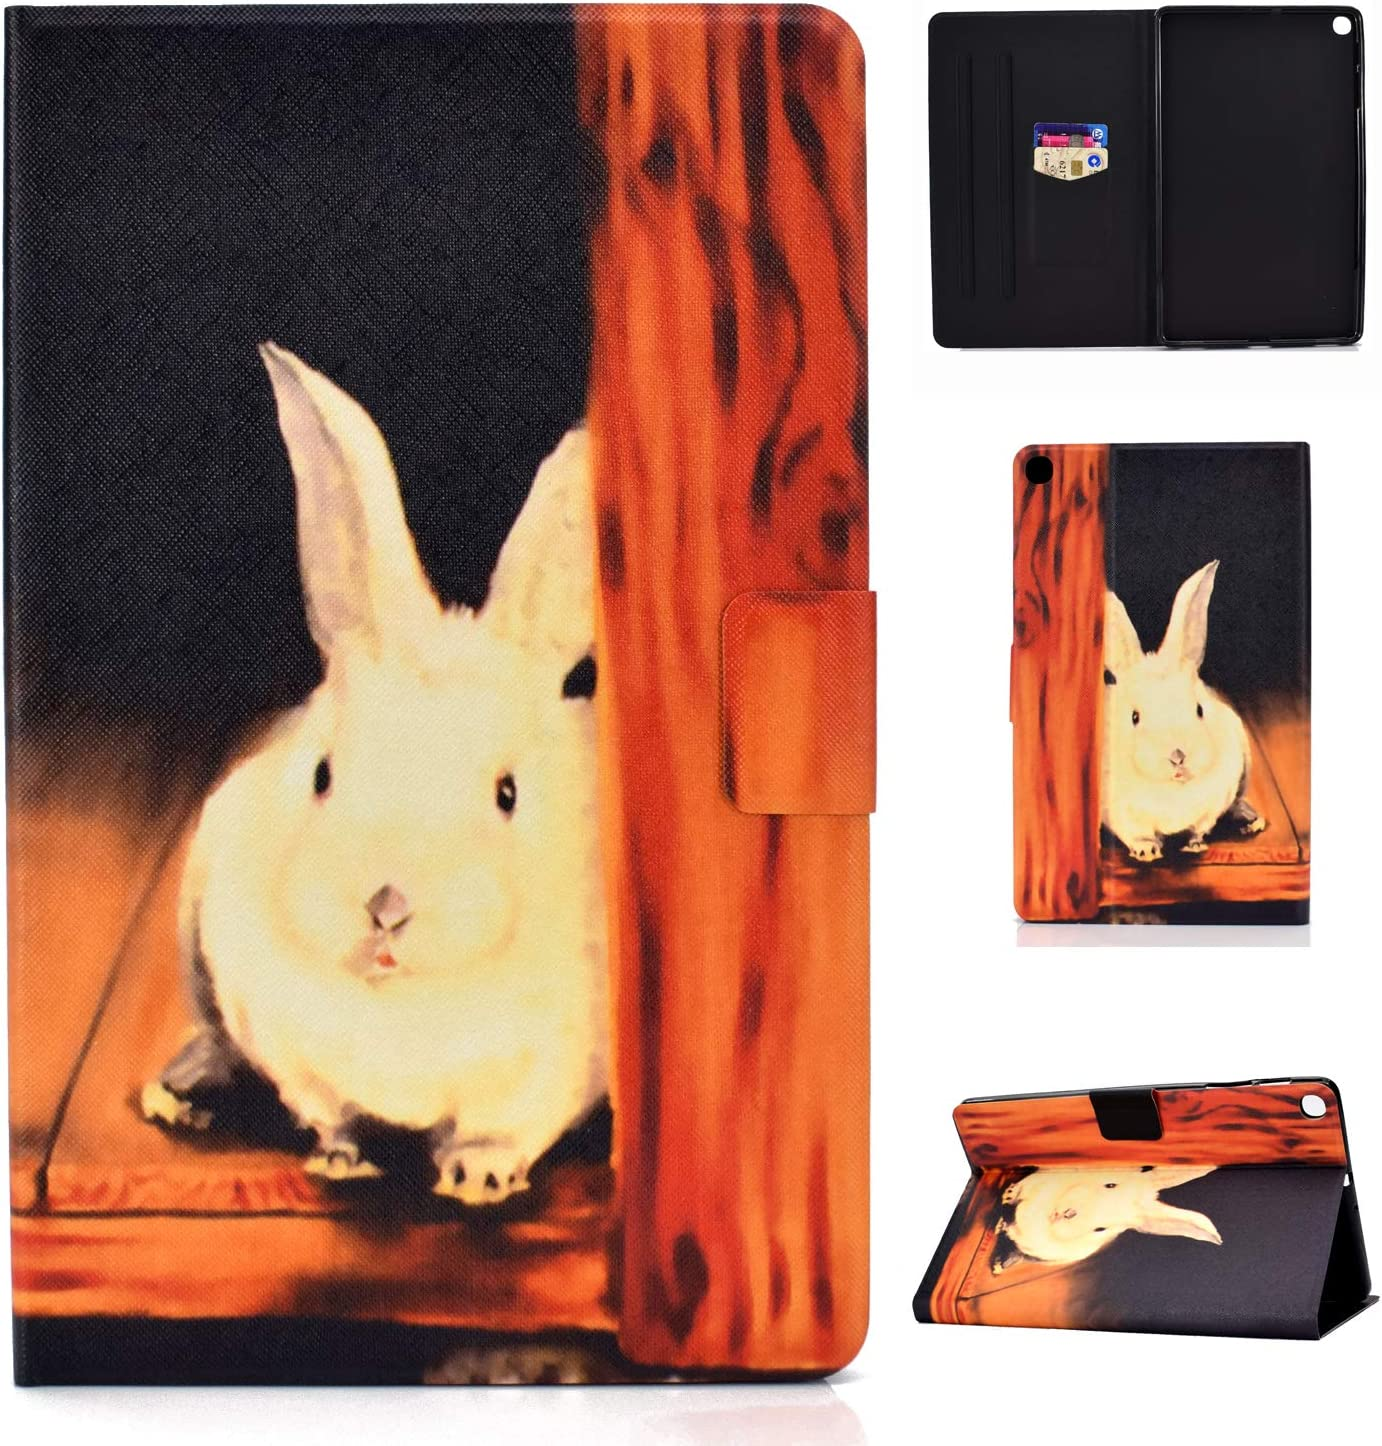 2019 Lspcase Coque Galaxy Tab A 2019 PU Cuir Flip Housse /Étui Cover Case Support Coque de Tablet avec Porte-Cartes pour Samsung Galaxy Tab A 10.1 Pouces SM-T510 Arbre de Vie SM-T515